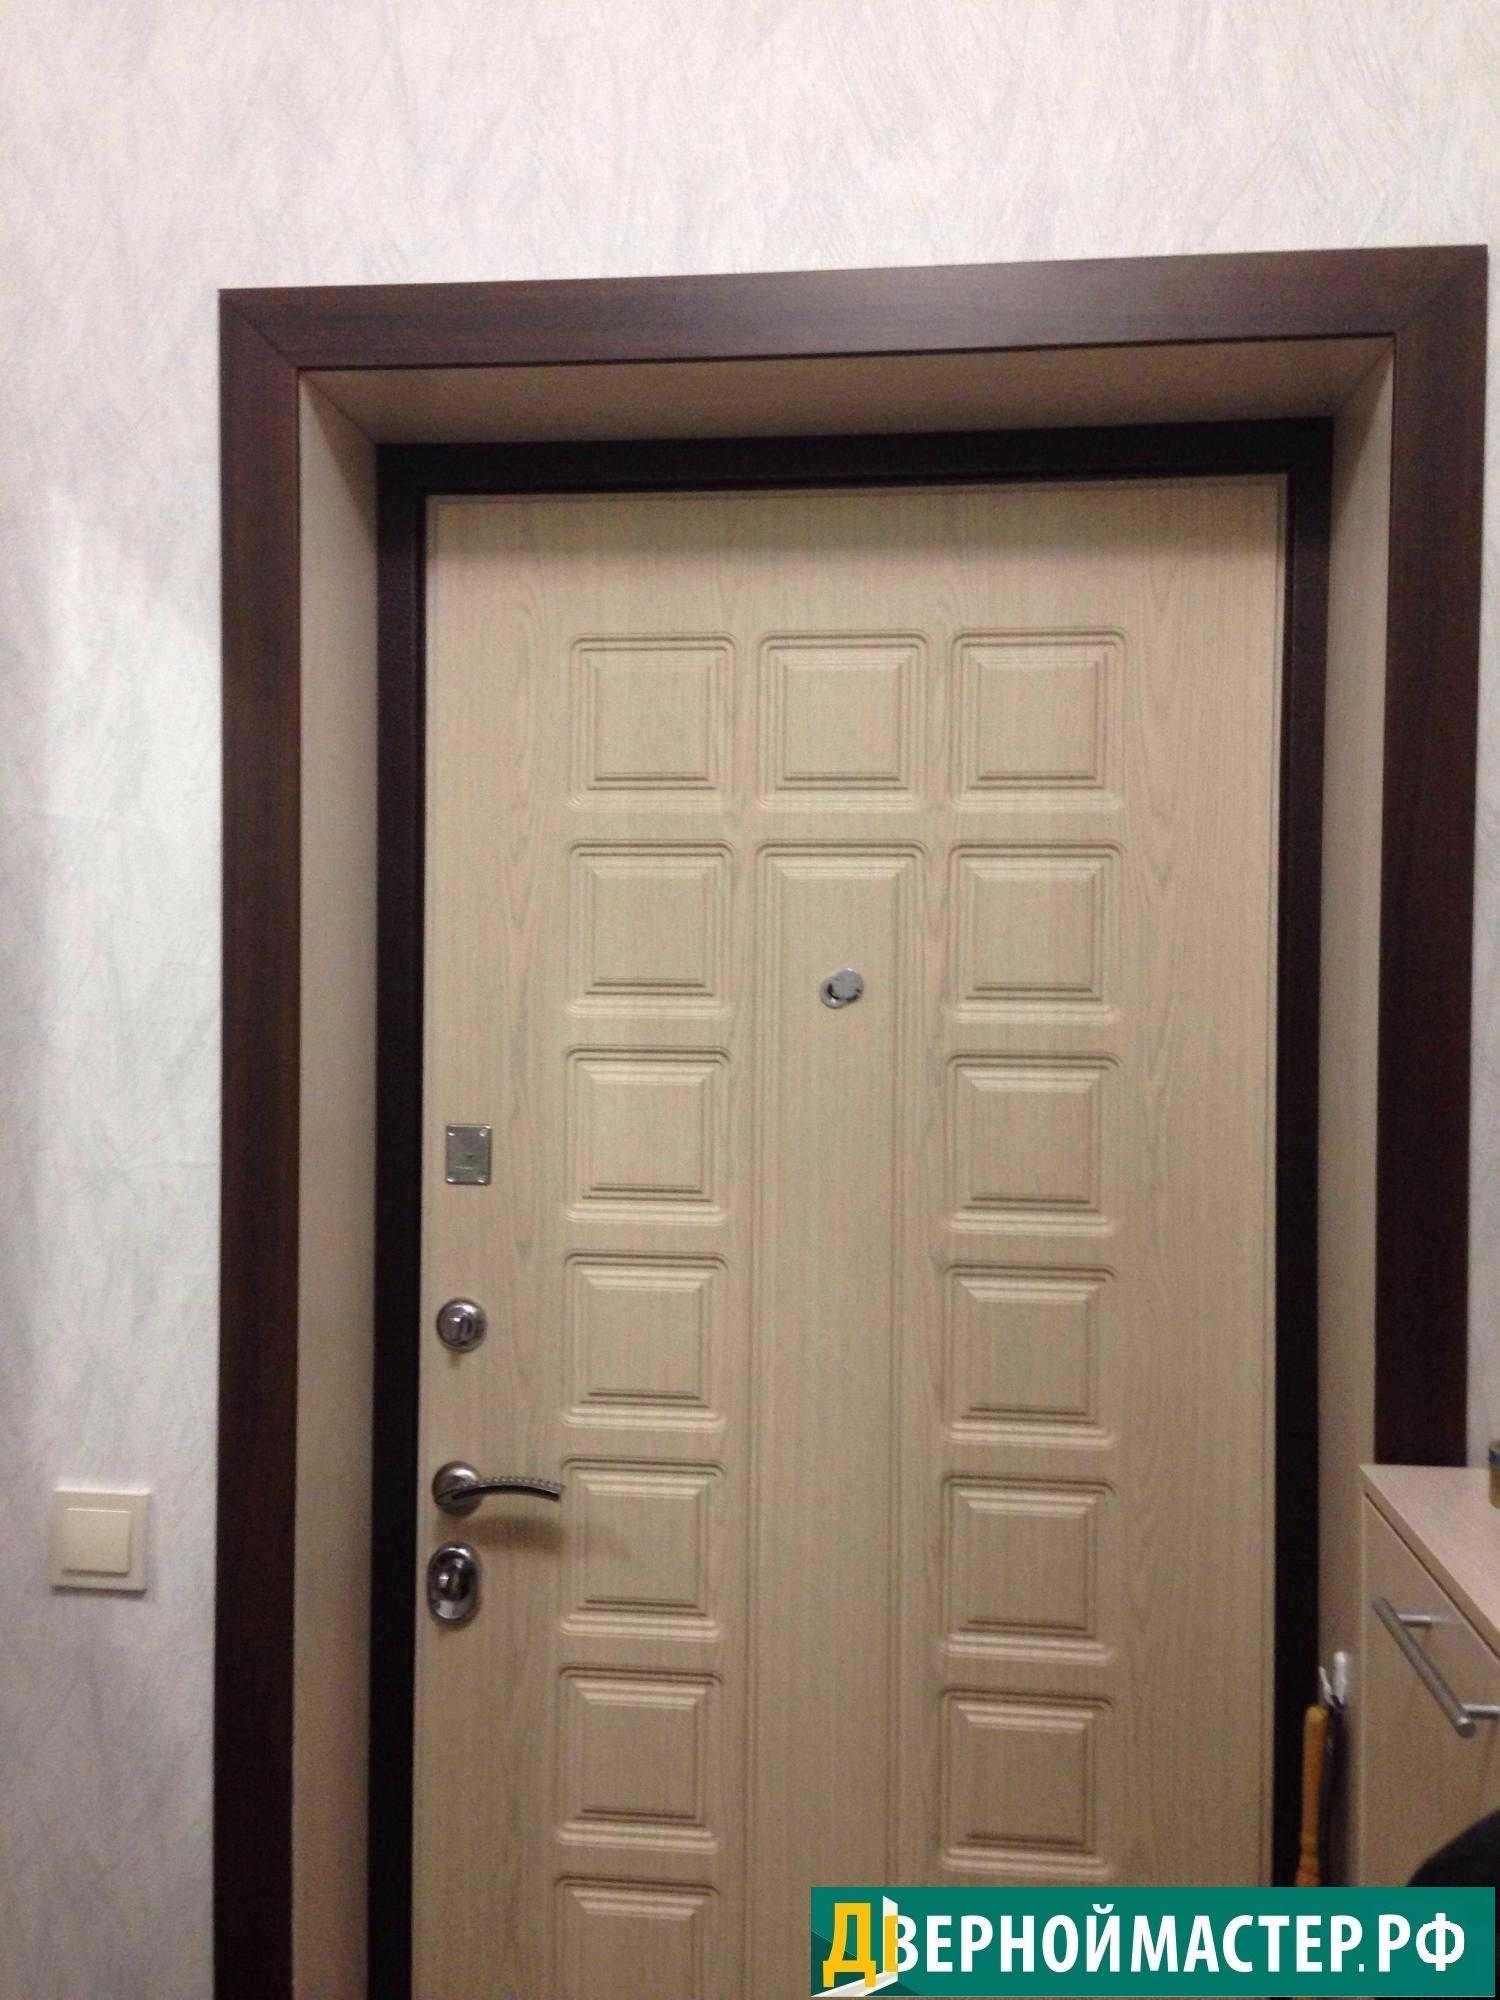 Цены на металлические двери в квартиру в Москве, с установкой доборов.